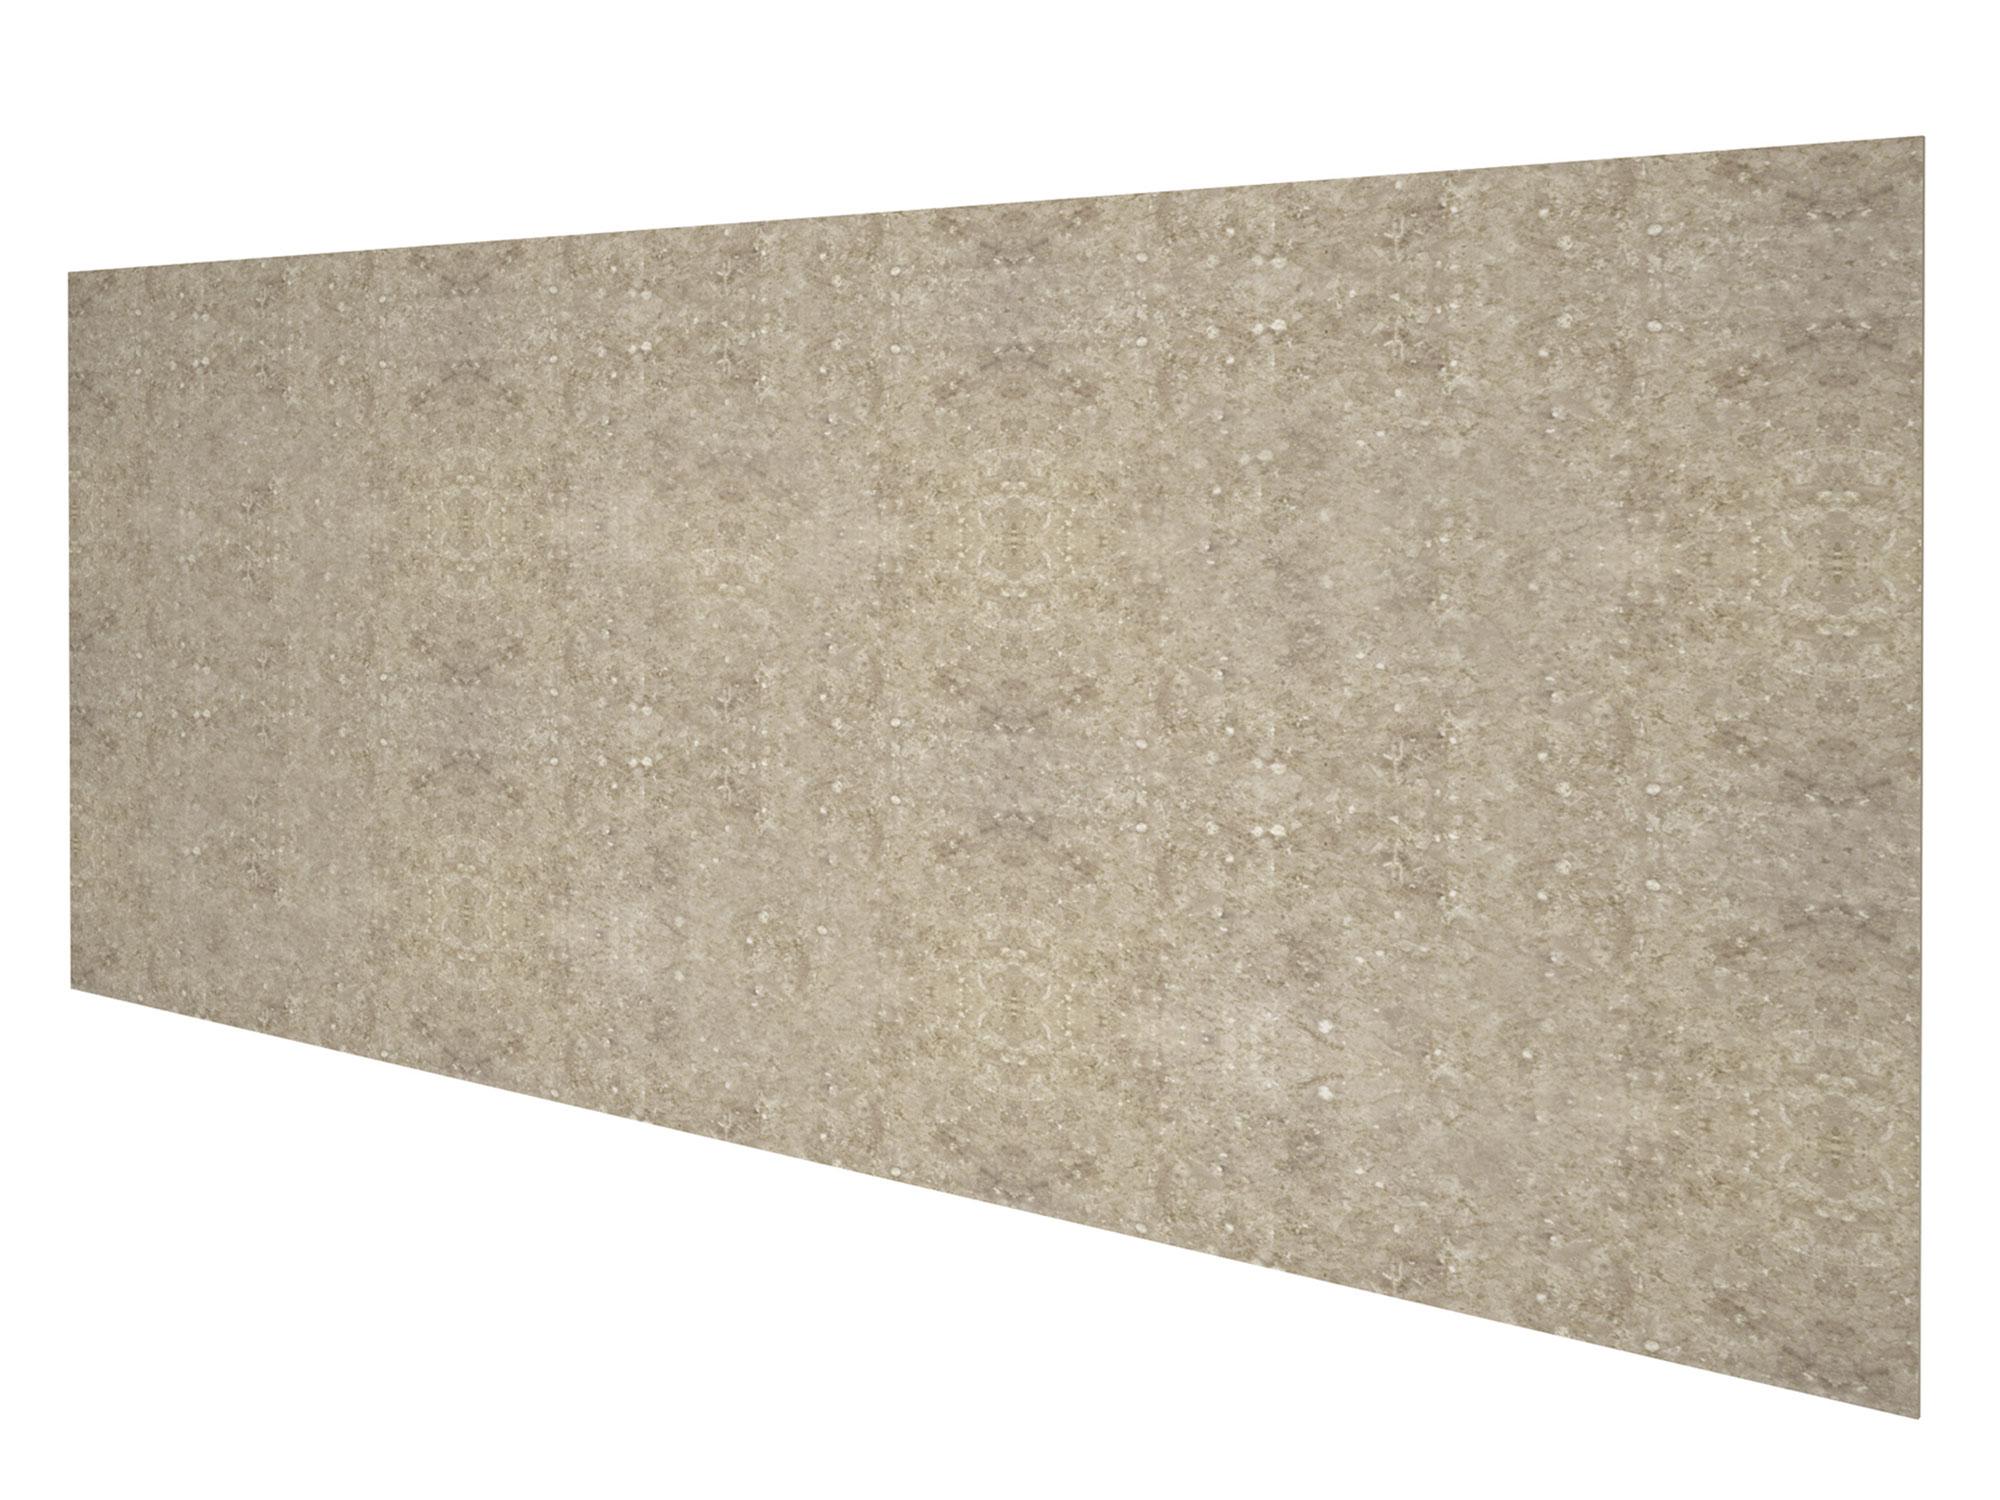 Стеновая панель 807М Лигурия, Код цвета 807М, МДФ